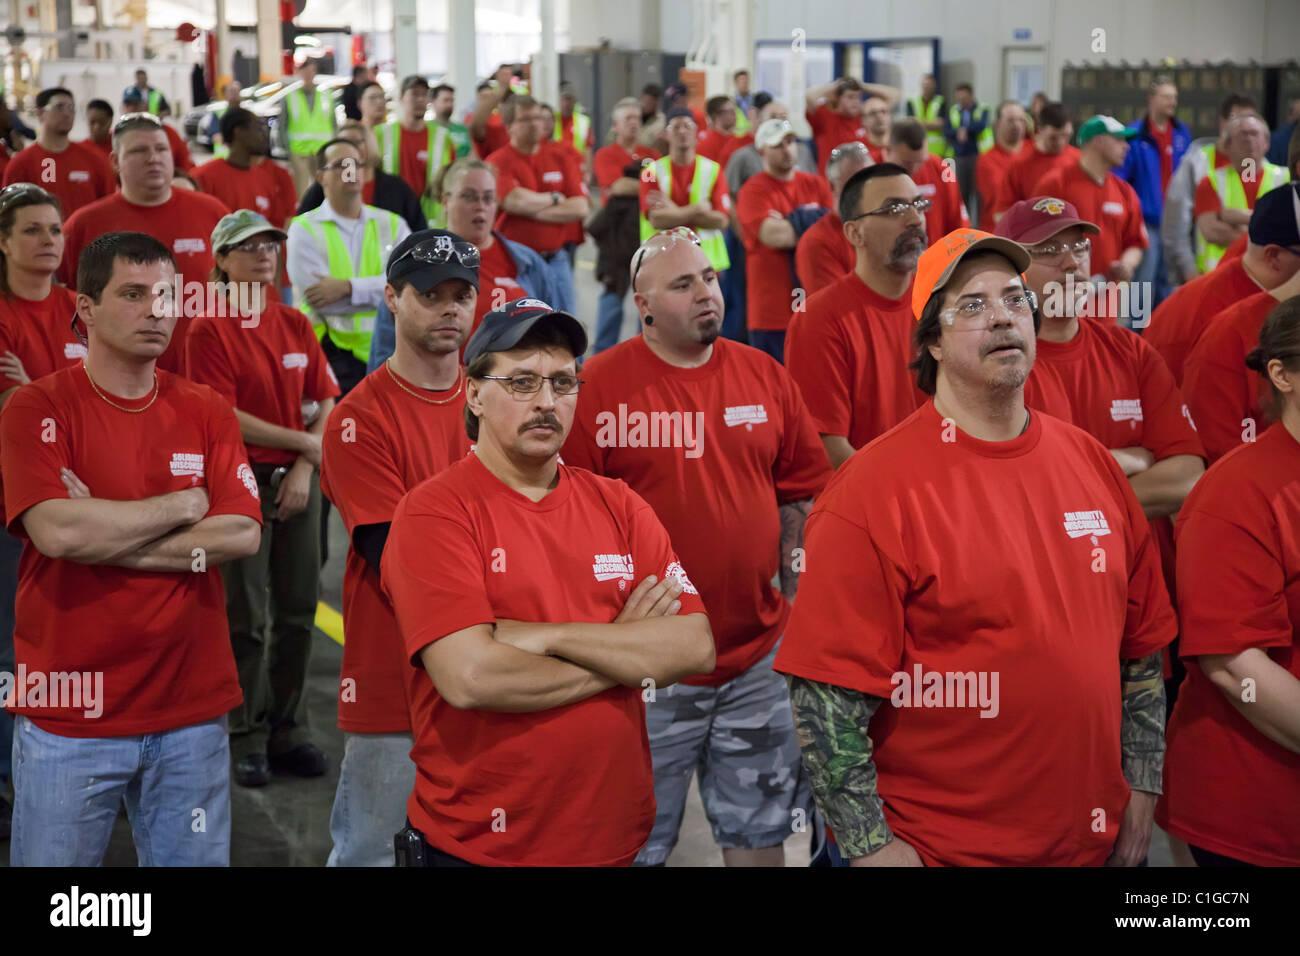 Auto di lavoratori presso Ford Motor Co. del gruppo del Michigan usura degli impianti t-shirt rosse in solidarietà Immagini Stock